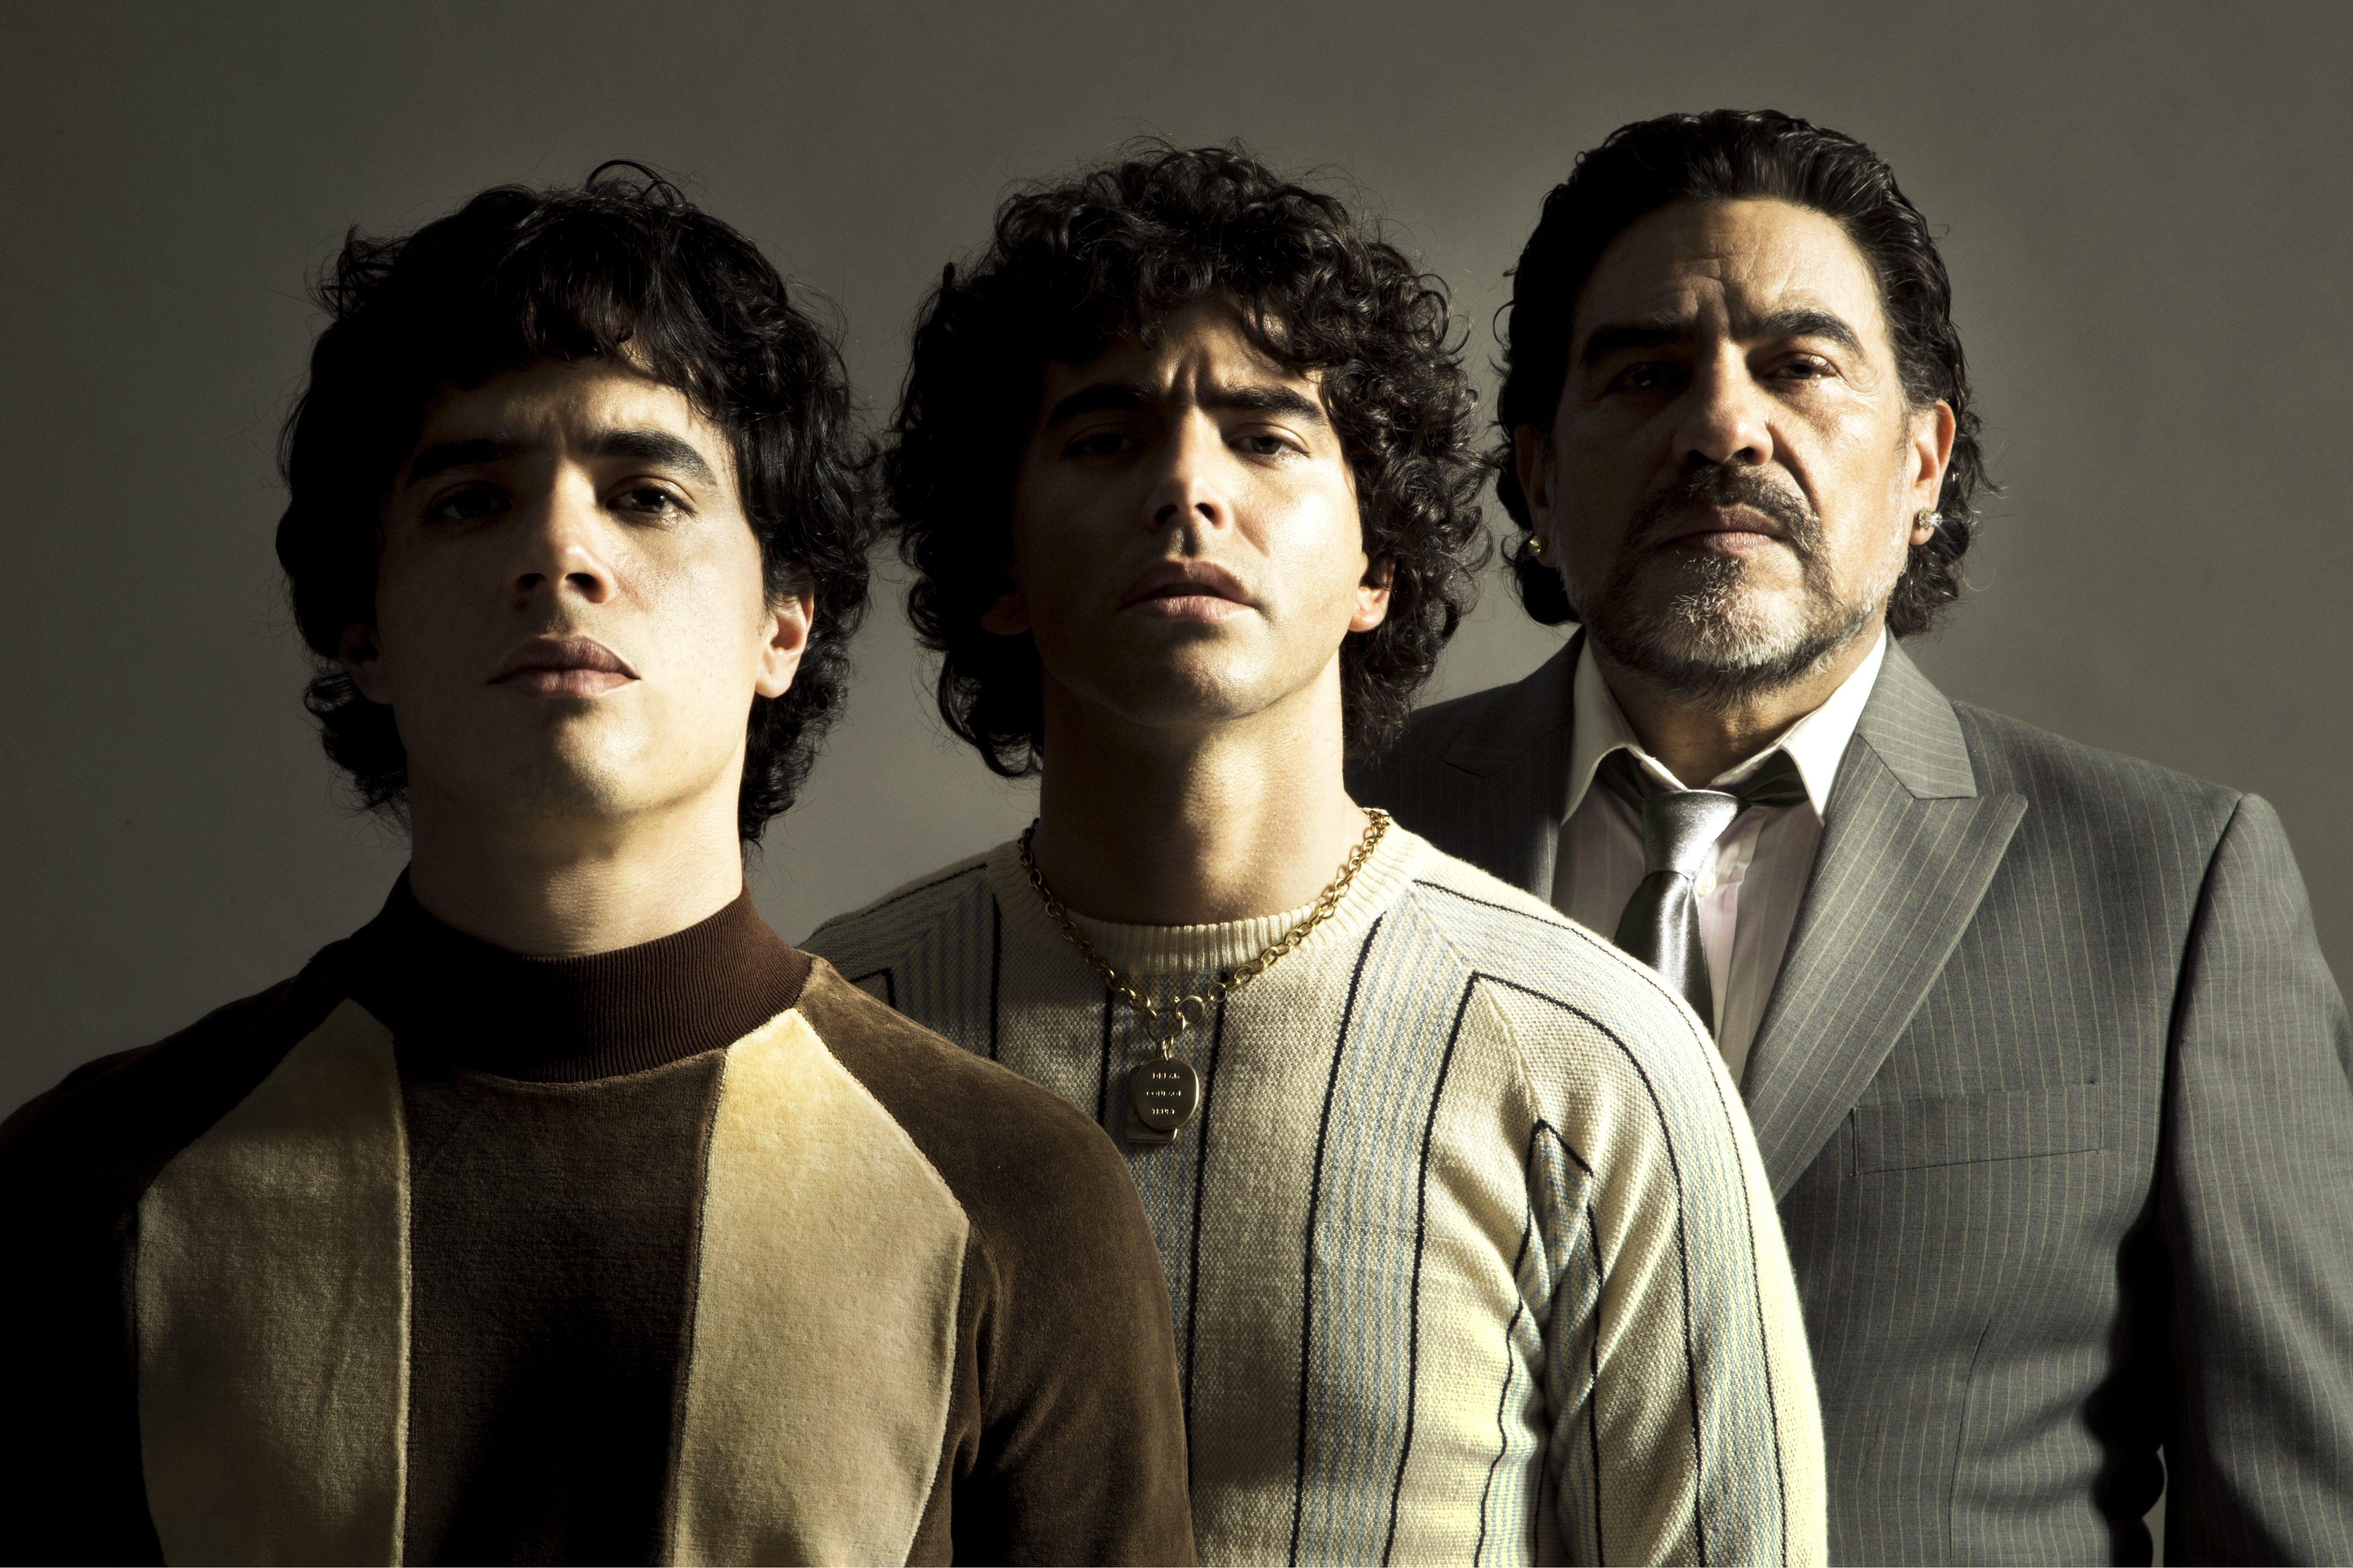 Nazareno Casero, Juan Palominoe Nicolás Goldschmidt interpretarão Maradona em diferentes fases da vida do jogador